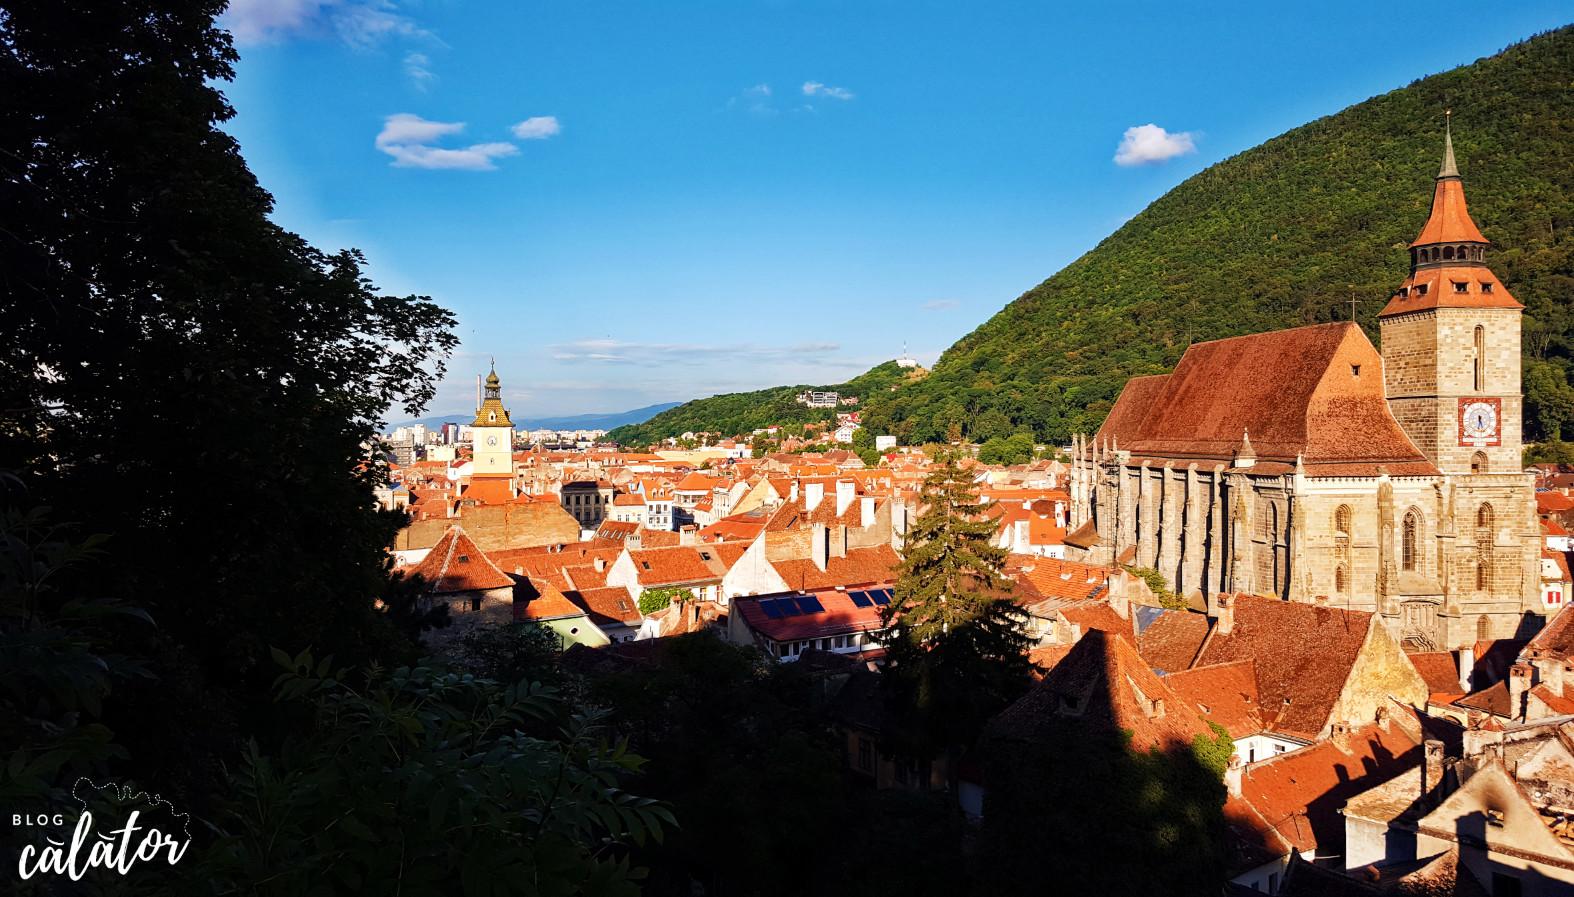 vedere panoramica biserica neagra muntele tampa 7 lucruri de făcut în brașov blog calator